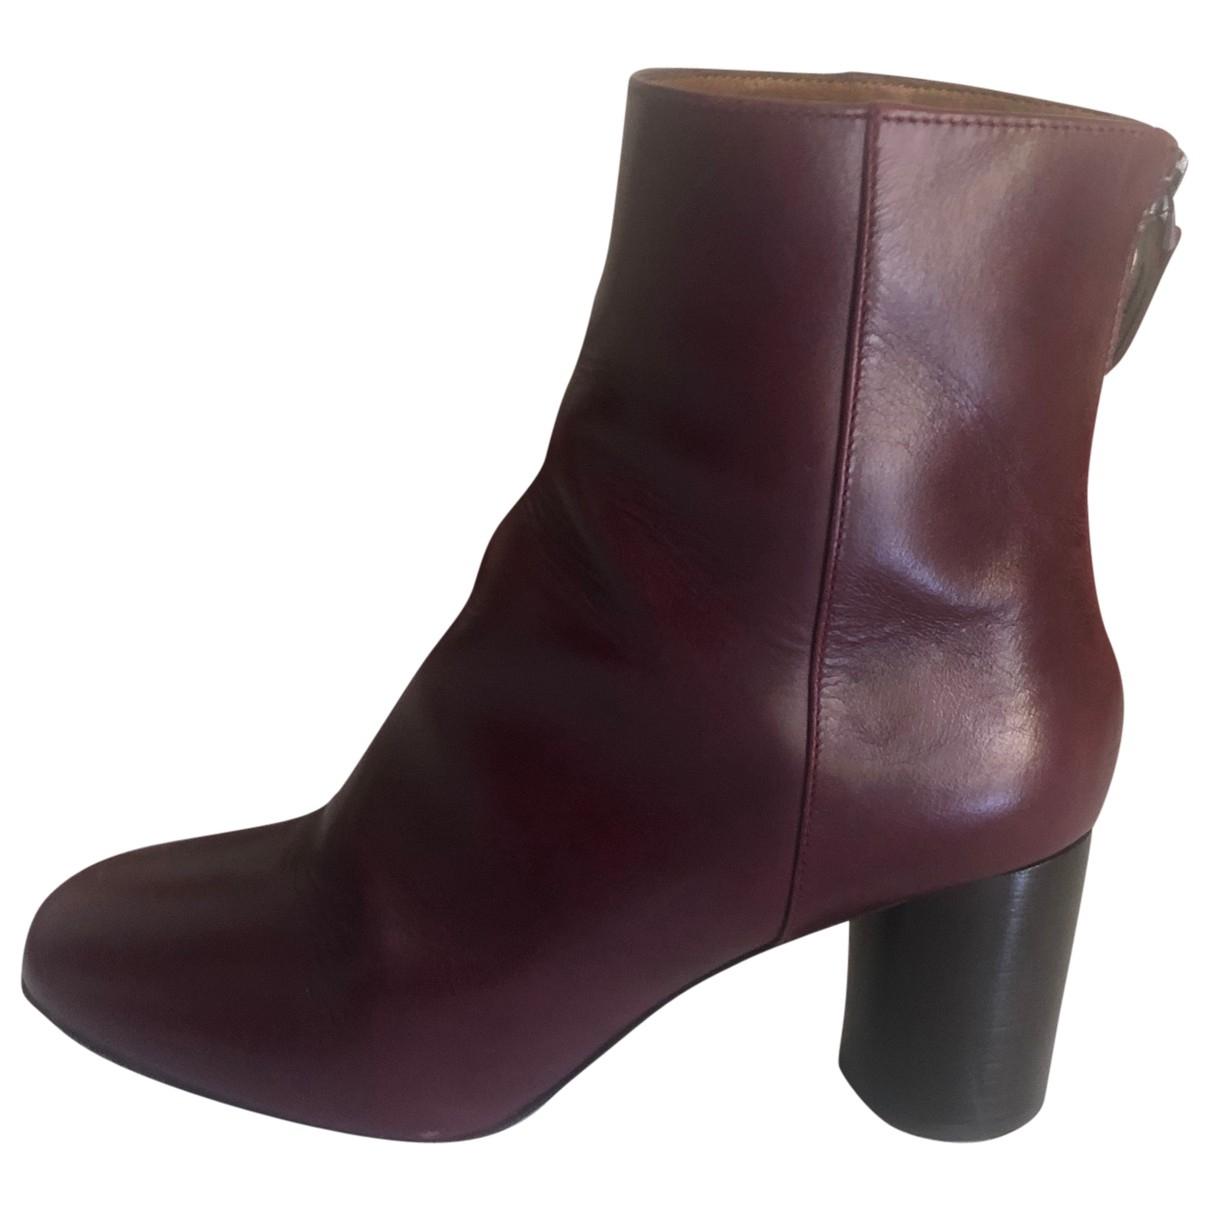 Sandro - Boots Fall Winter 2019 pour femme en cuir - bordeaux